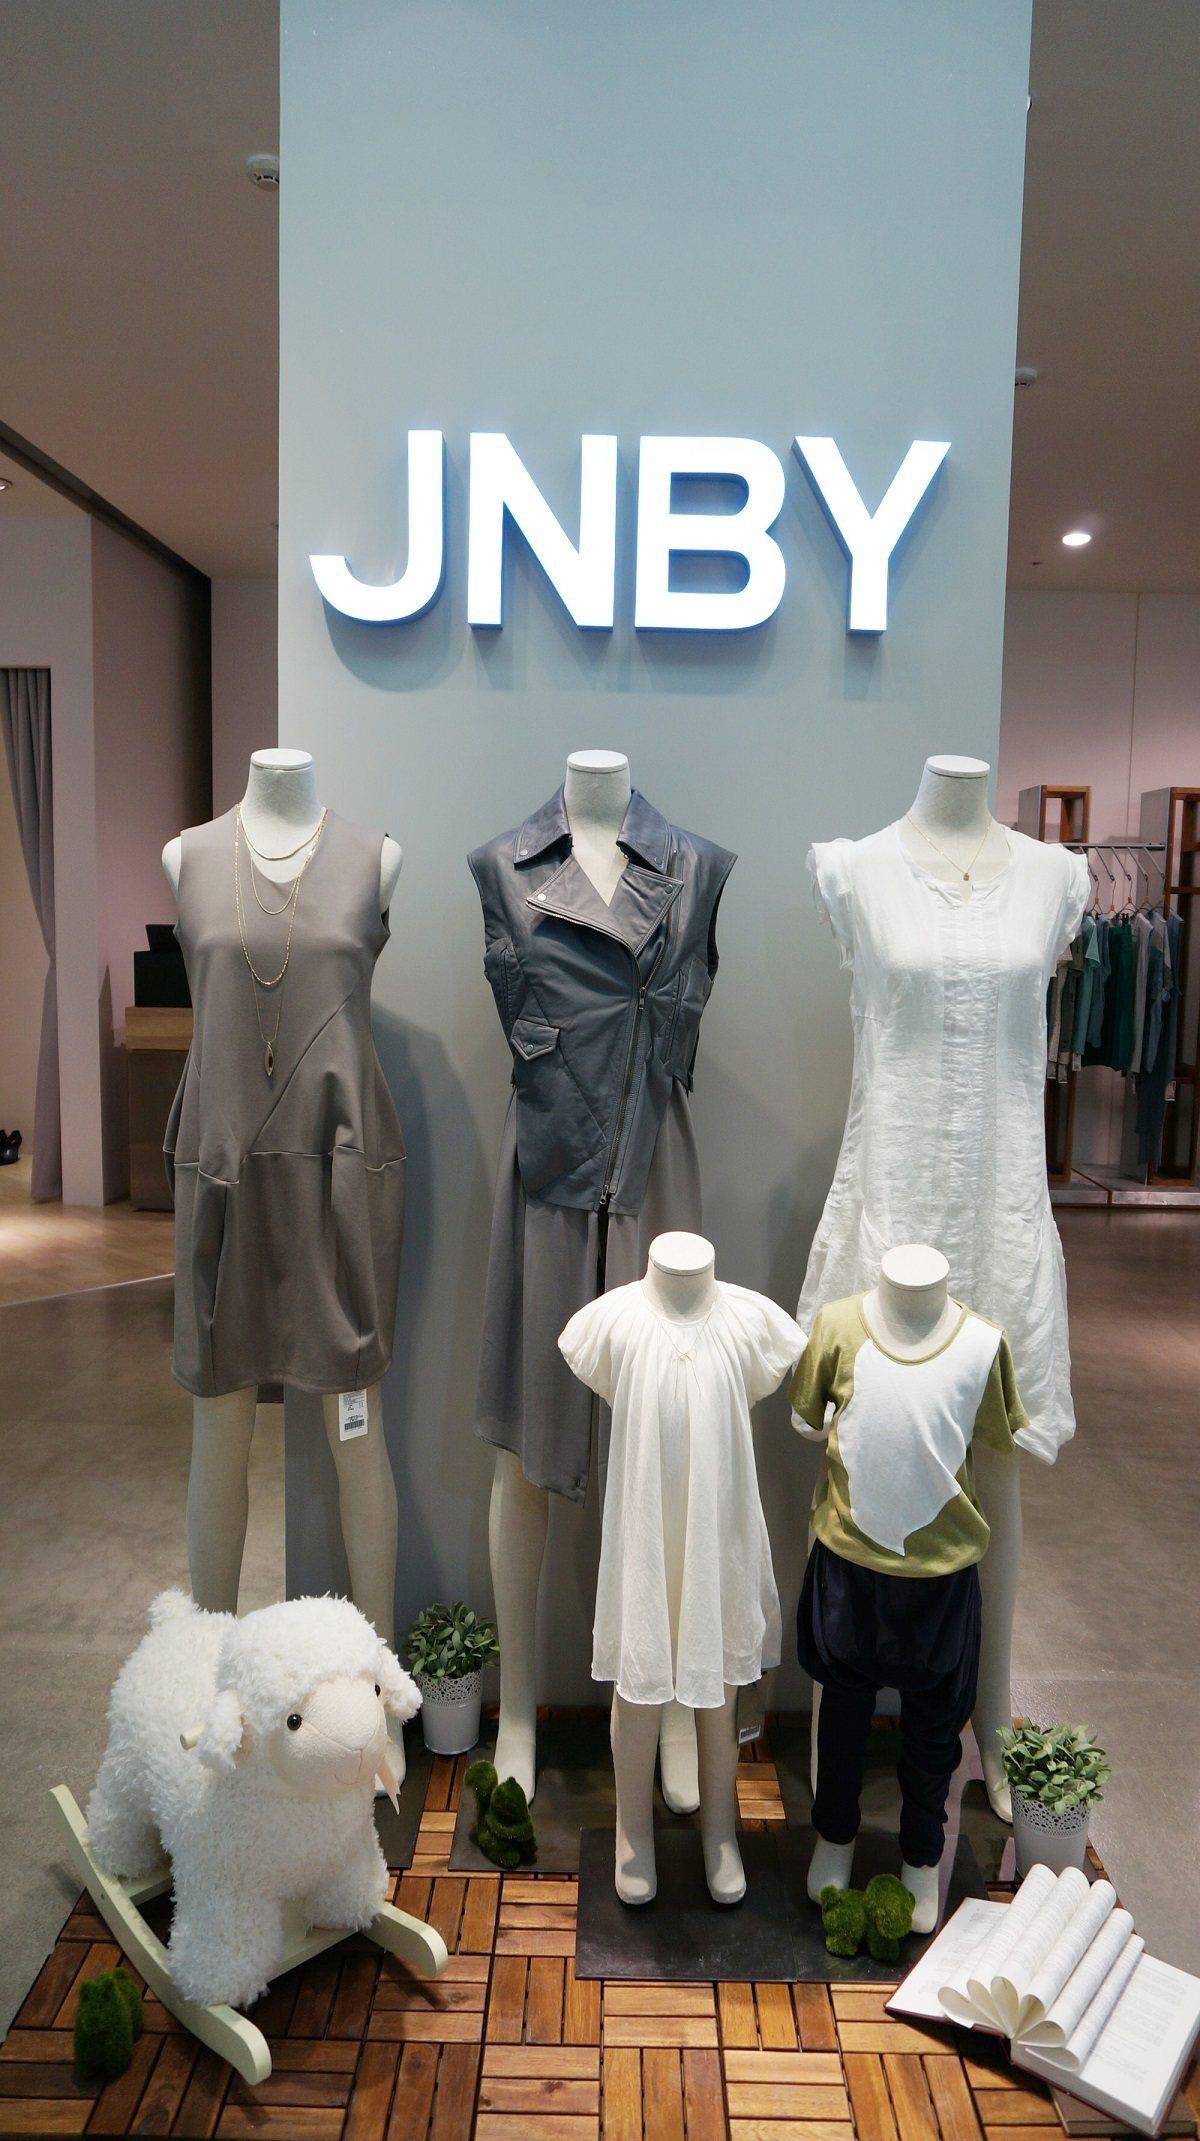 將於台北魅力展參展的大陸品牌JNBY江南布衣集團。圖/紡拓會提供